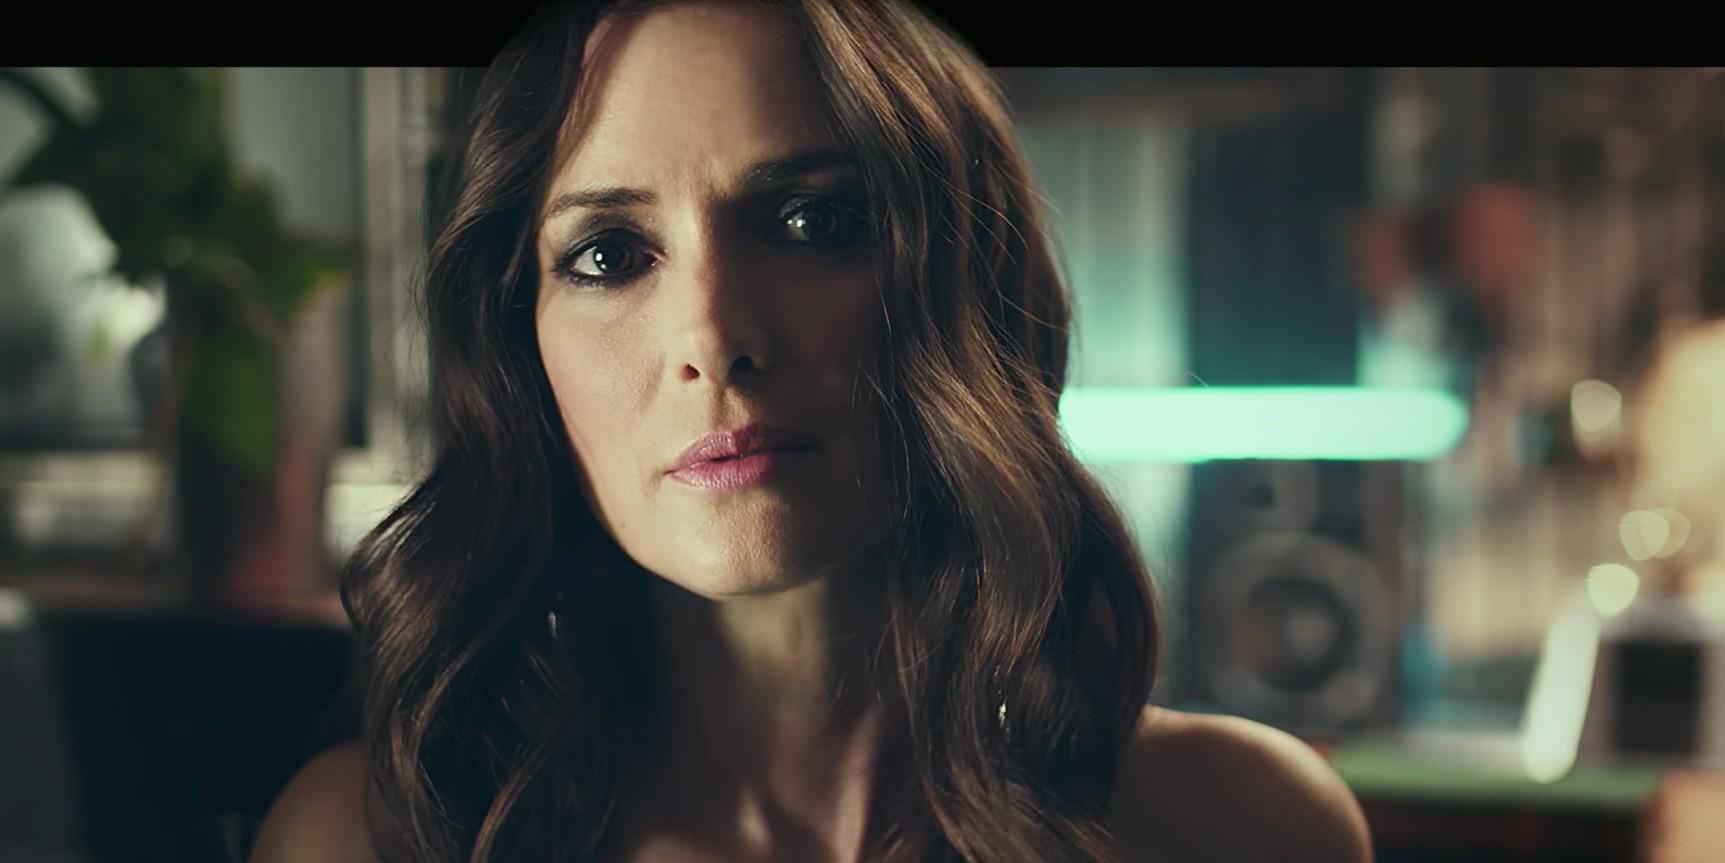 Вайнона Райдер и Элизабет Олсен танцуют в новом видео H&M